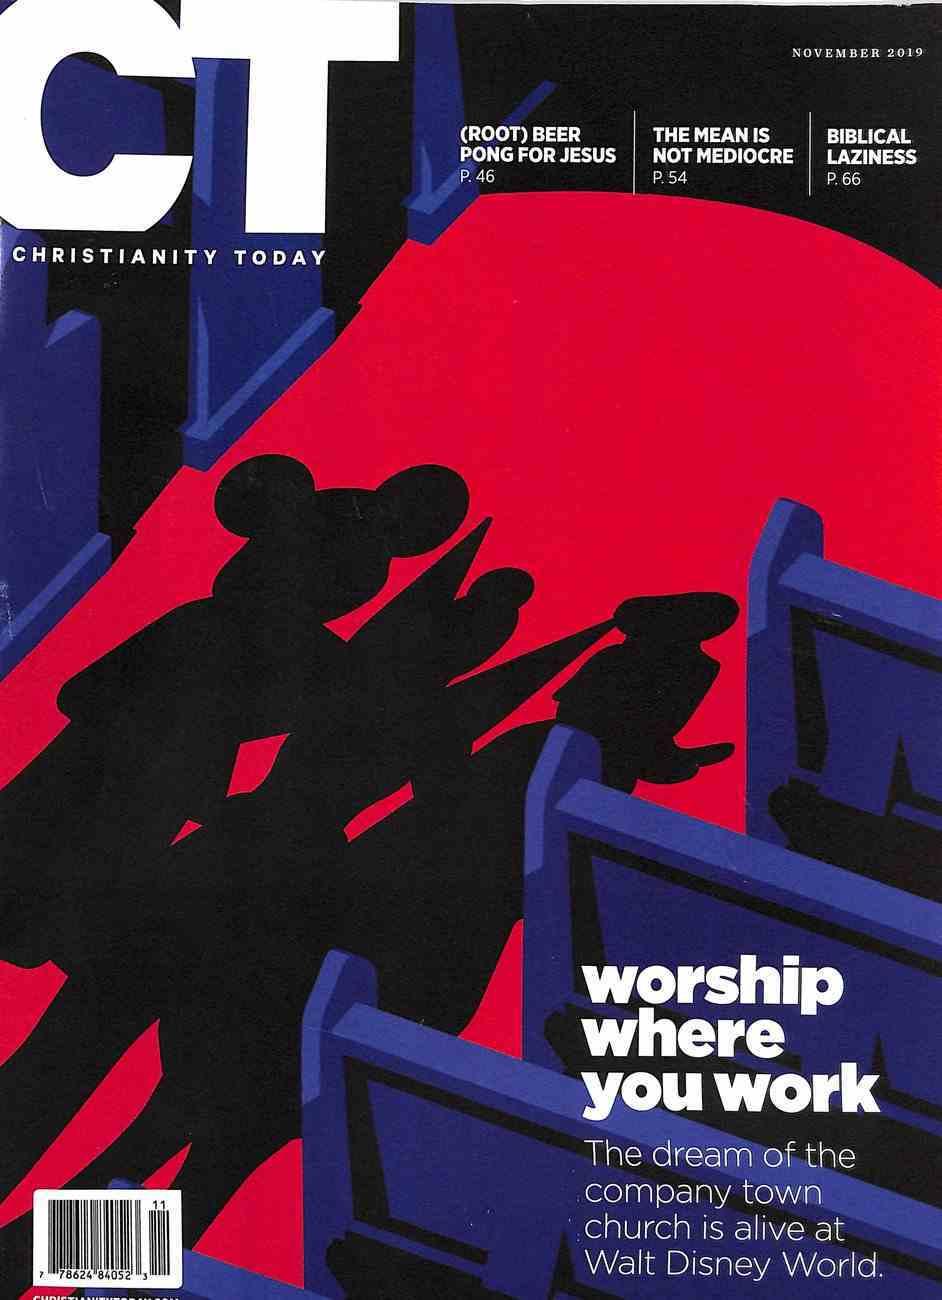 Christianity Today 2019 #11: Nov Magazine